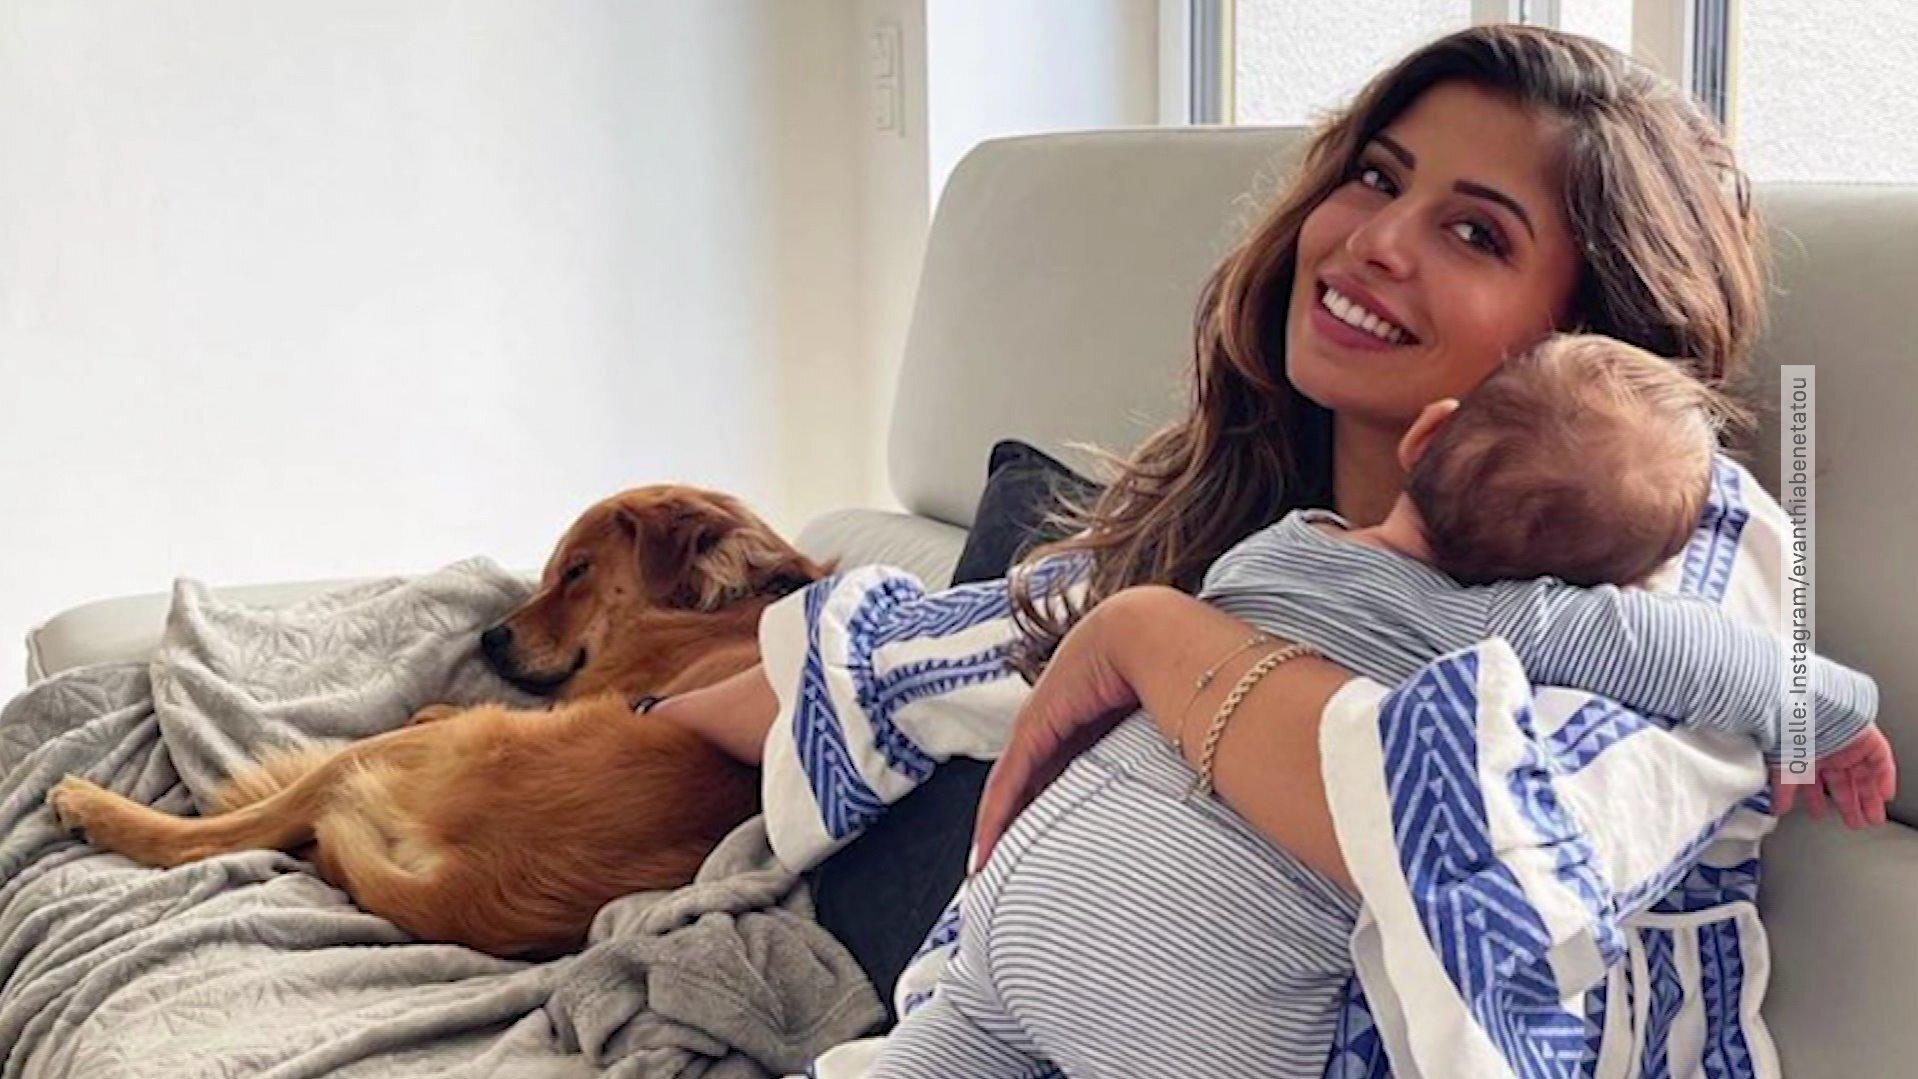 Neu-Mama-Eva-Benetatou-mit-Baby-berlastet-H-ndin-Sheikha-muss-zu-ihrem-Vater